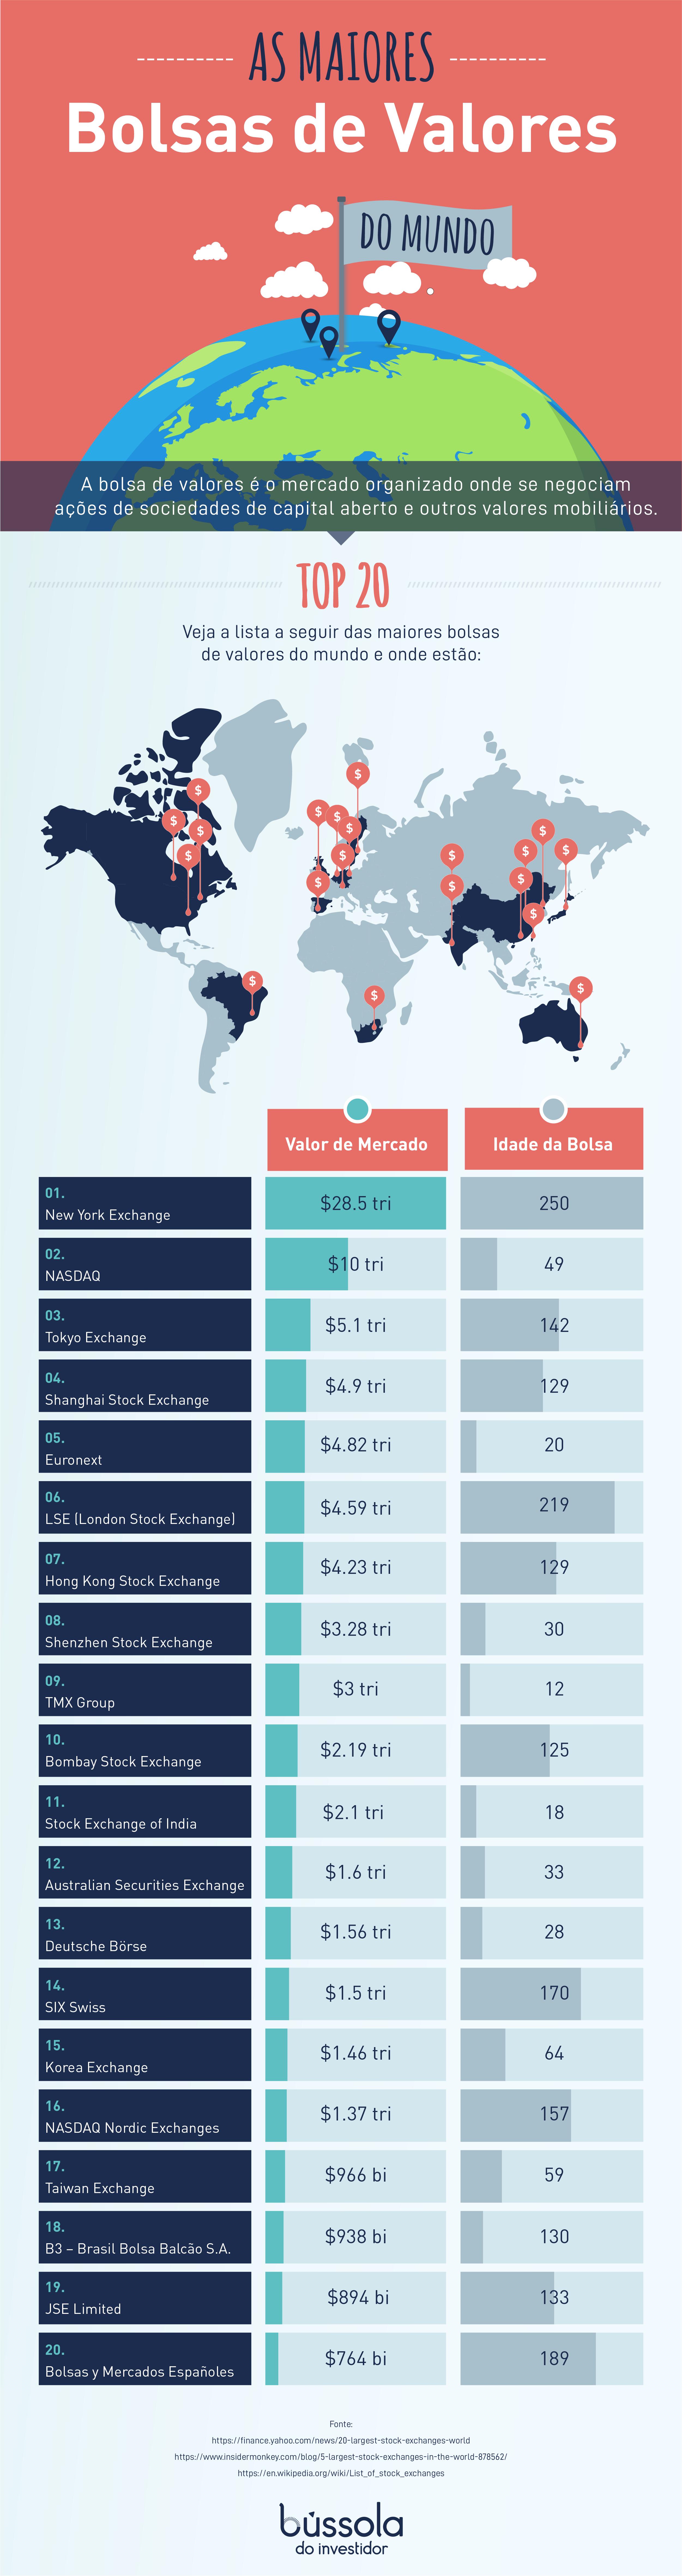 Maiores bolsas de valores do mundo